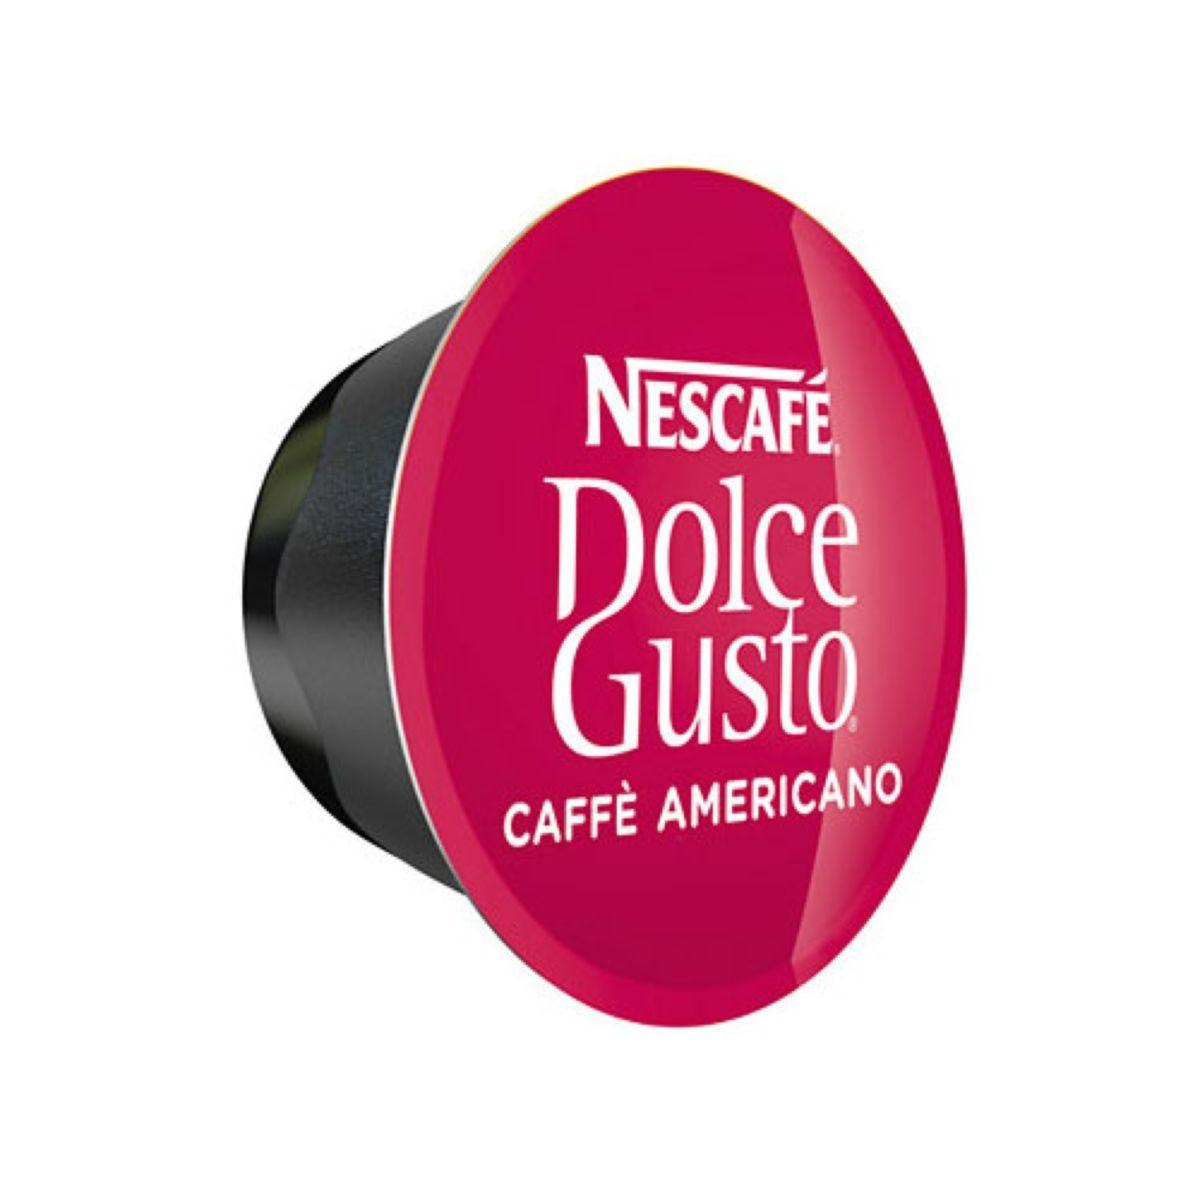 Nescafé Dolce Gusto Americano Pods - 16 Pack